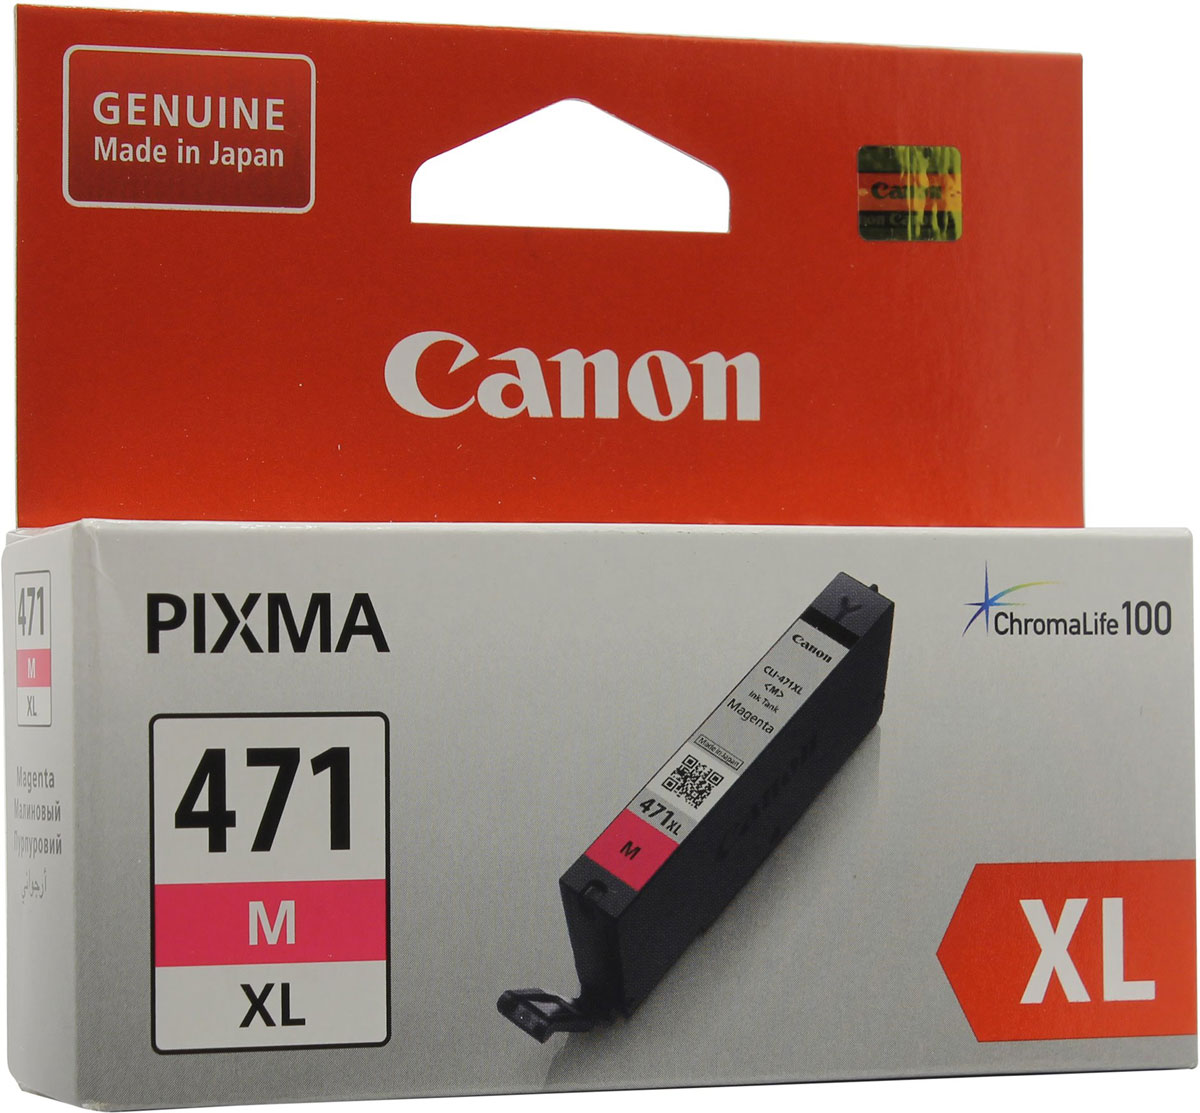 Canon CLI-471XL, Magenta картридж для Pixma MG5740/6840/77400348C001Картридж Canon CLI-471XL содержит пурпурные чернила на основе красителей, которые используются для печати документов на обычной бумаге и обеспечивают четкость текста и долговечность печатных изображений. Благодаря технологии эффективного использования чернил, этот картридж будет долго работать в вашем принтере.